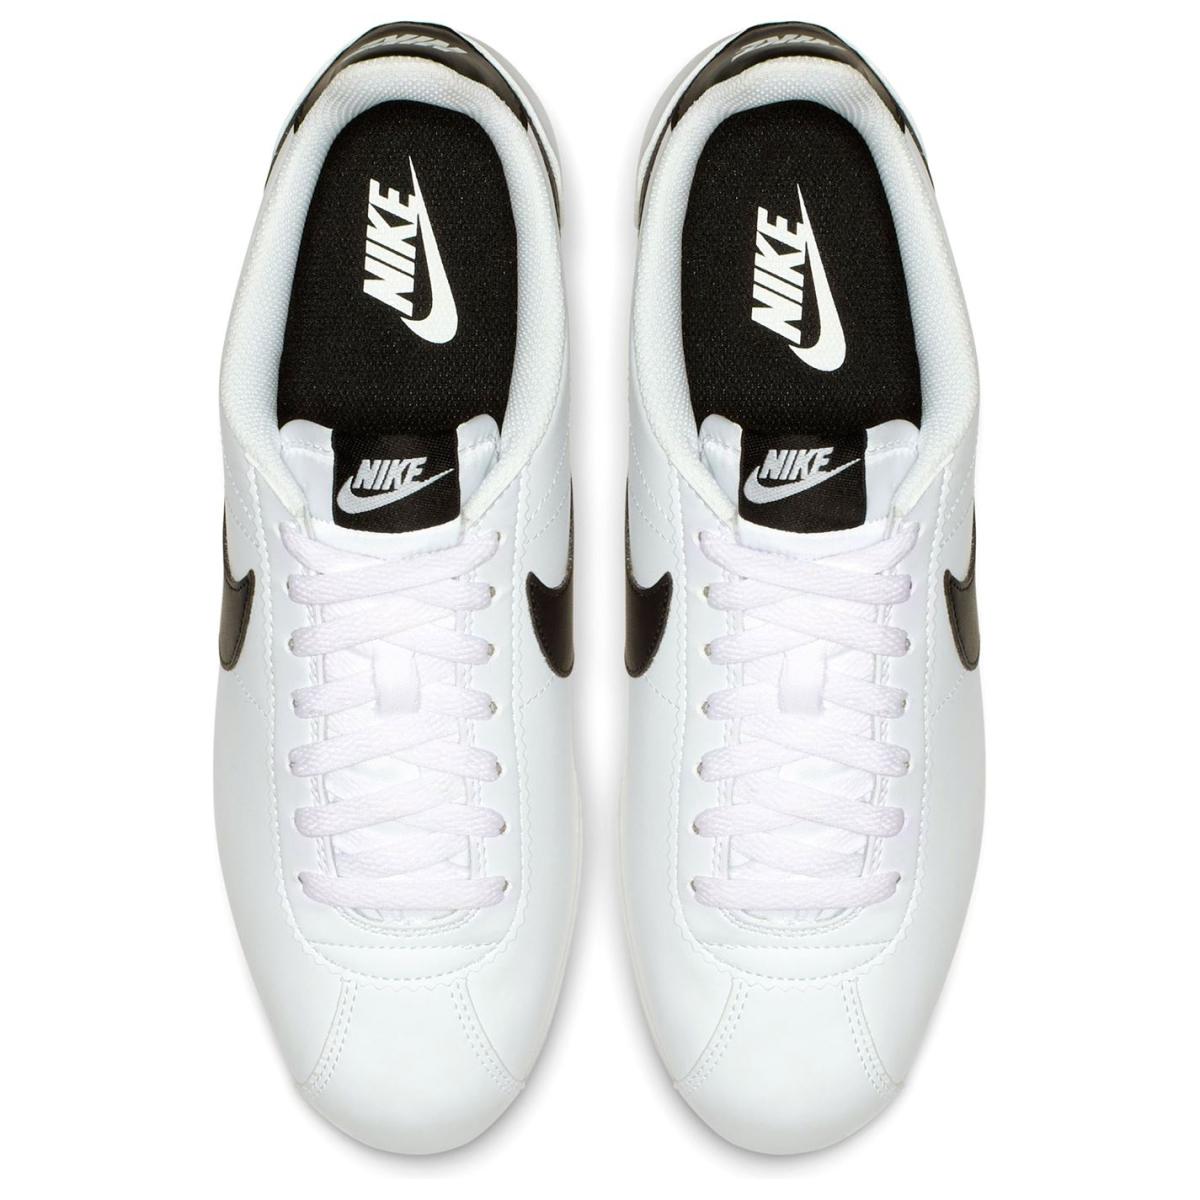 Nike-Classic-Cortez-Turnschuhe-Damen-Sneaker-Sportschuhe-Laufschuhe-4036 Indexbild 18